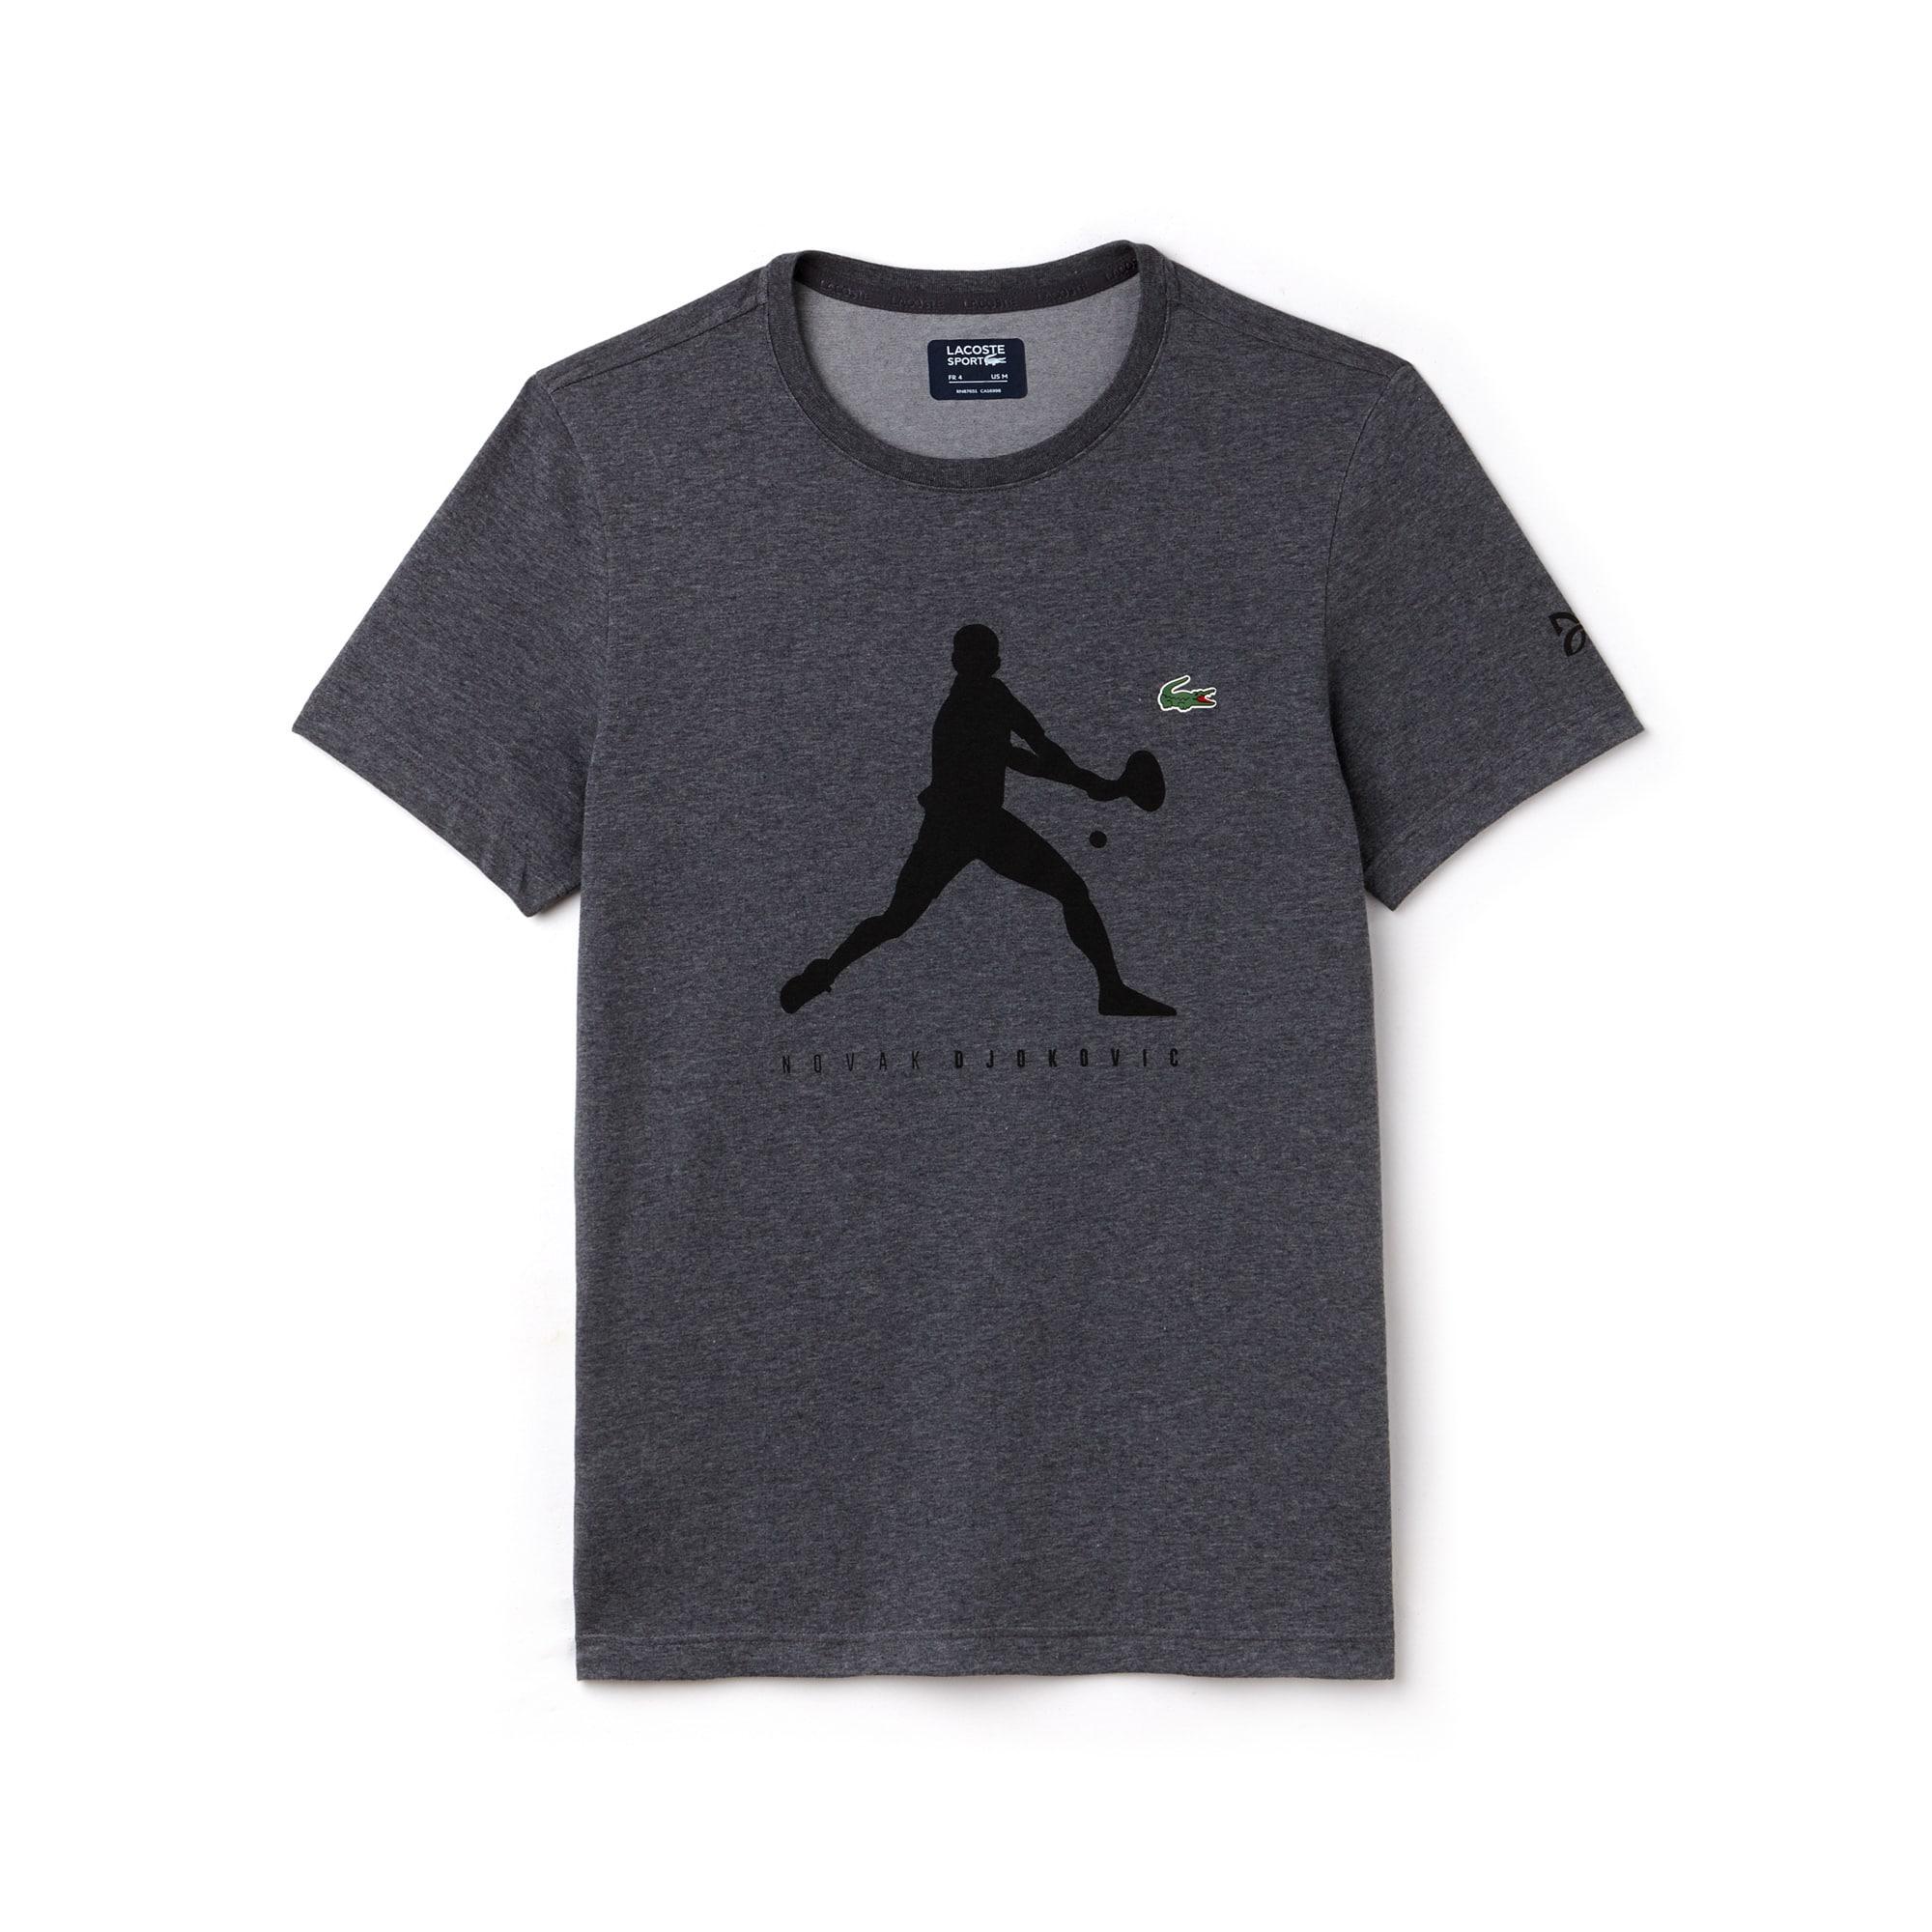 라코스테 Lacoste Mens SPORT Tennis T-Shirt - Novak Djokovic Supporter Collection,grey chine / black